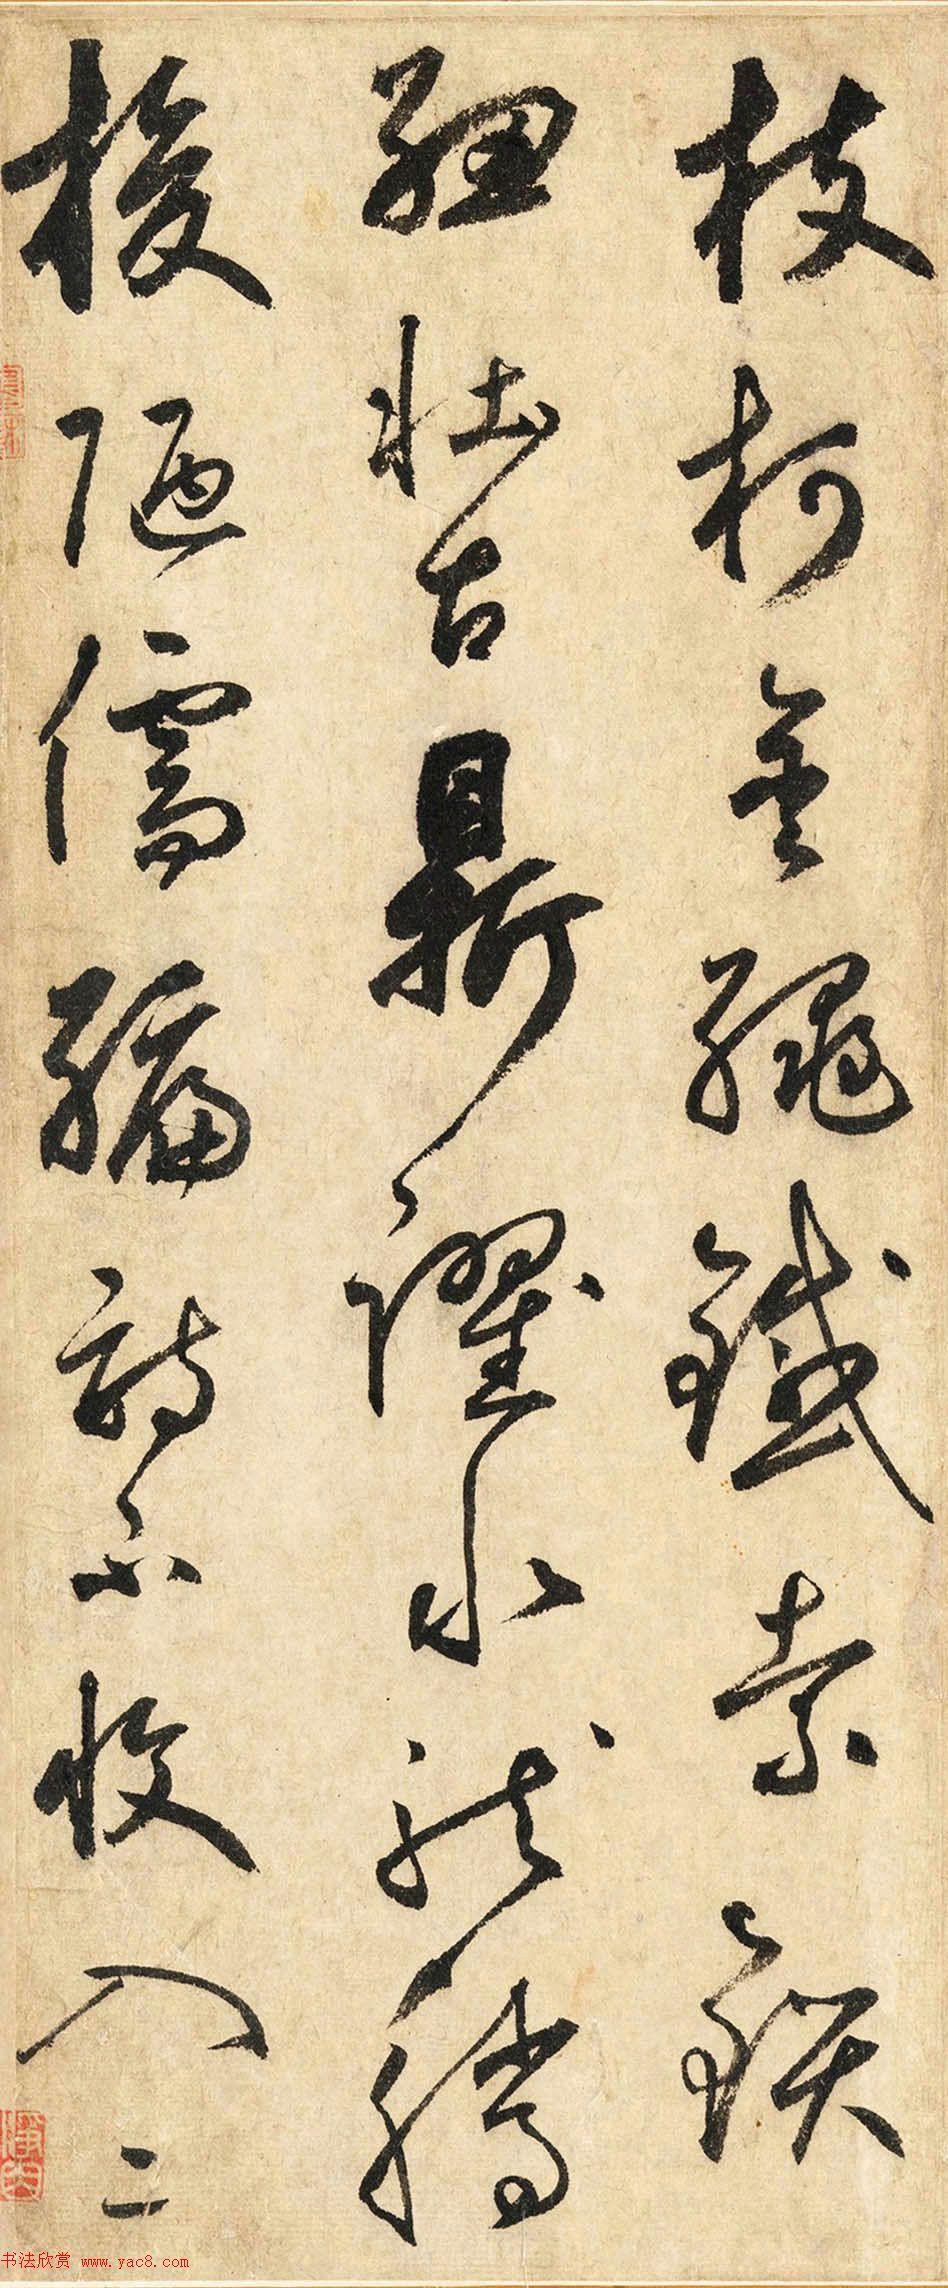 元代鲜于伯机草书《唐韩昌黎石鼓歌》美国藏本